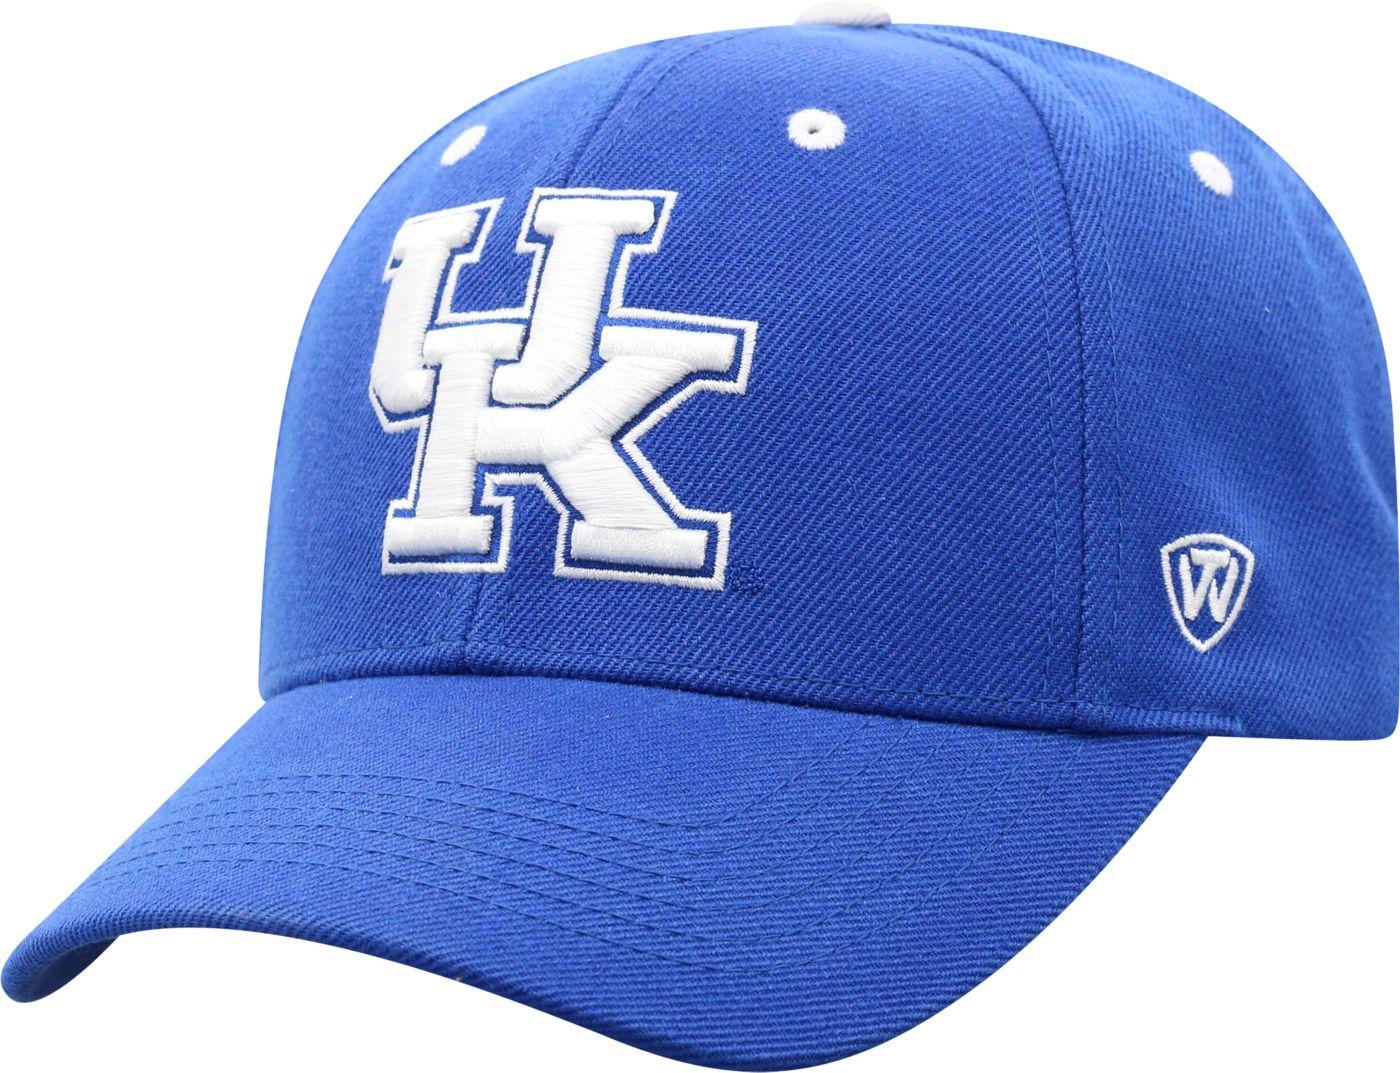 Top of the World Men's Kentucky Wildcats Blue Triple Threat Adjustable Hat